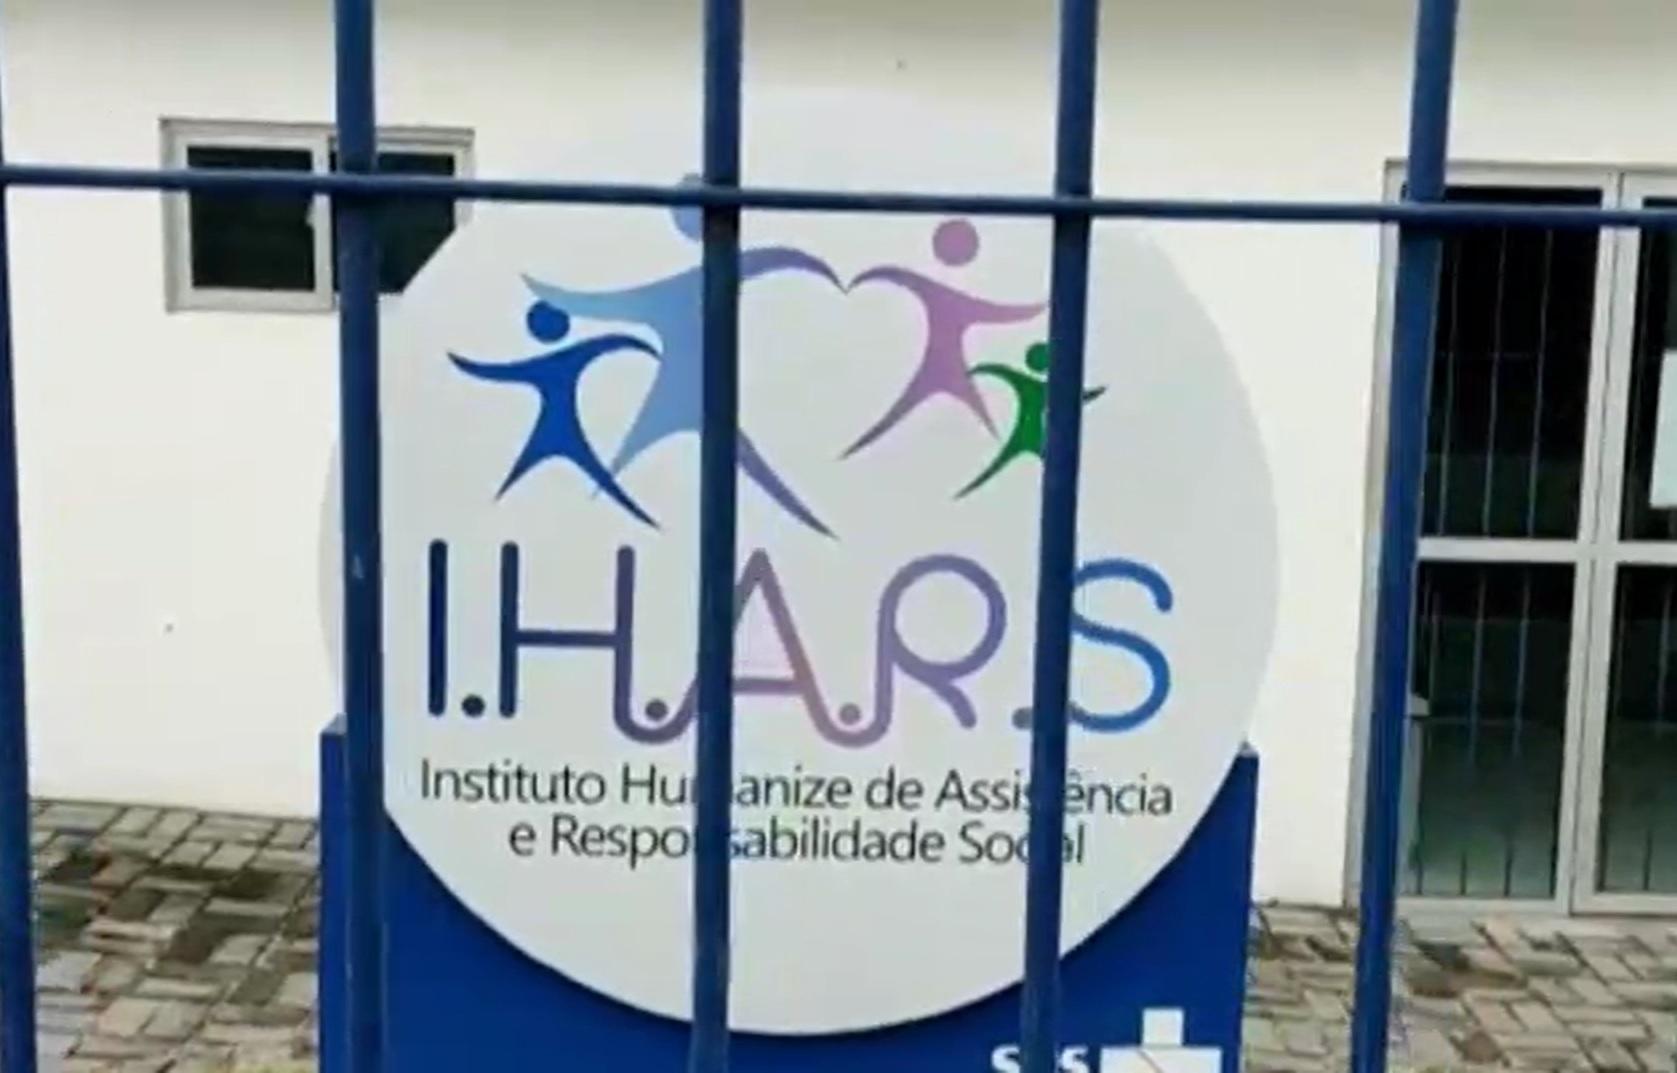 Sede do Instituto Humanize de Assistência e Responsabilidade Social